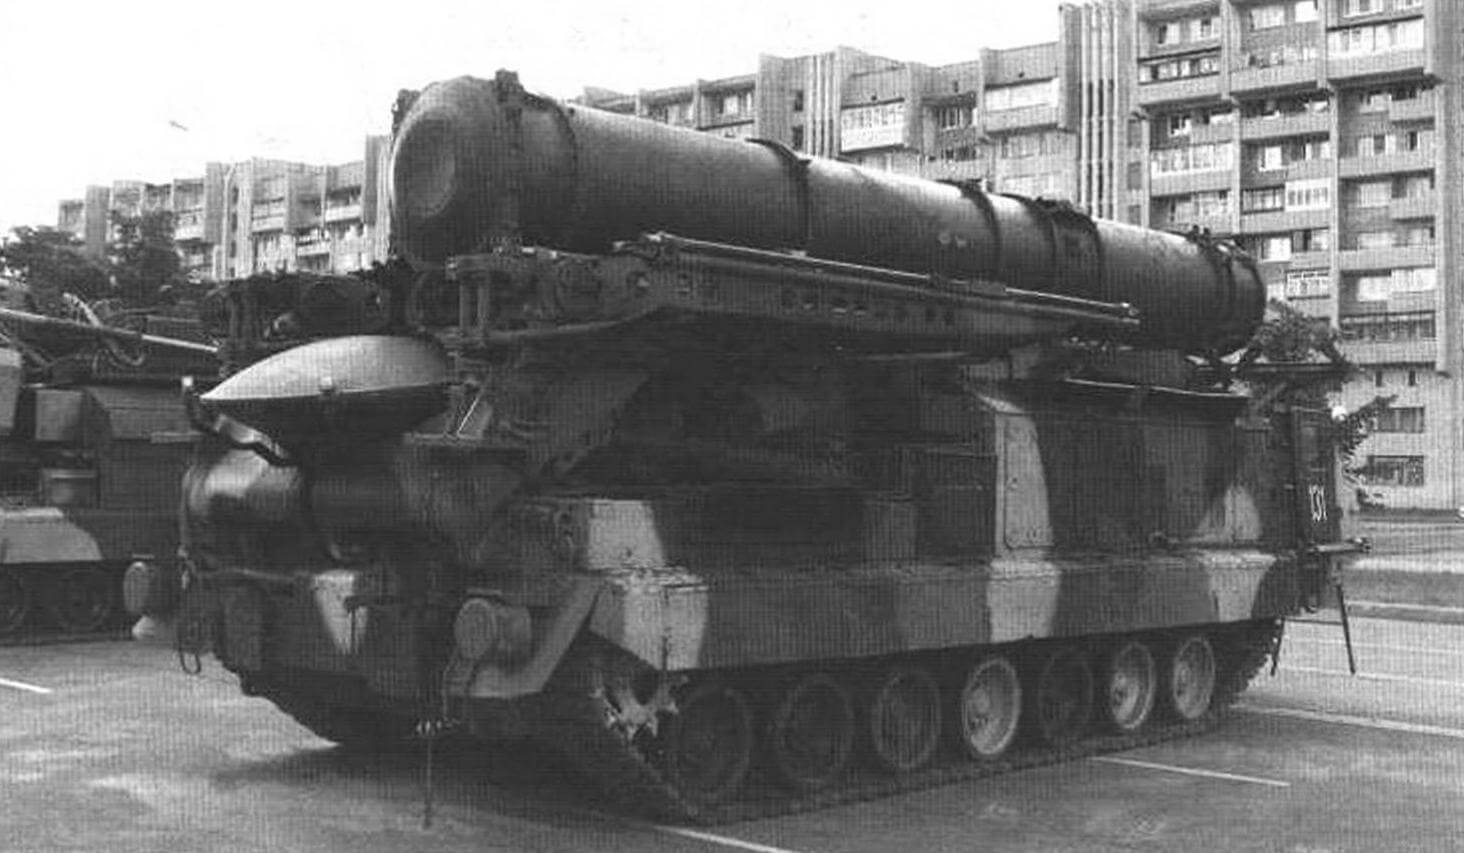 На пусковое устройство 9А82, смонтированное на шасси «Пиона», устанавливаются два транспортно-пусковых контейнера (ТНК) с зенитными ракетами 9М82, а на 9А83 - четыре ГПК е ракетами 9М83, г. Бобруйск